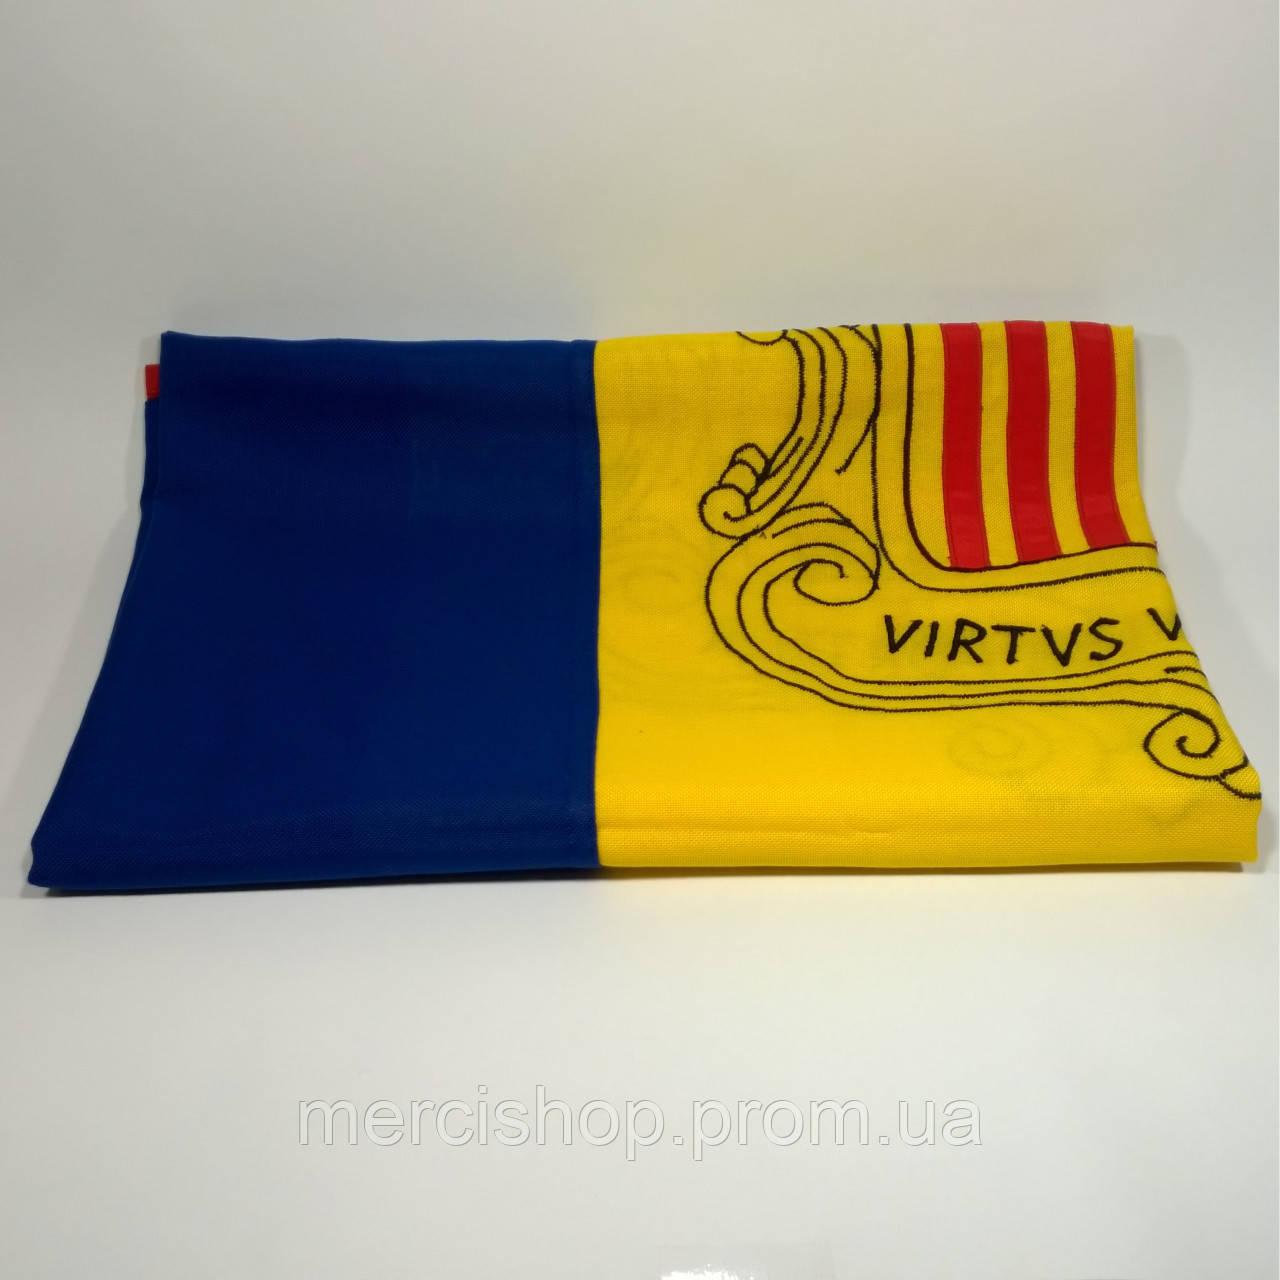 Флаг Андорры (Вышивка) - (1м*1.5м)